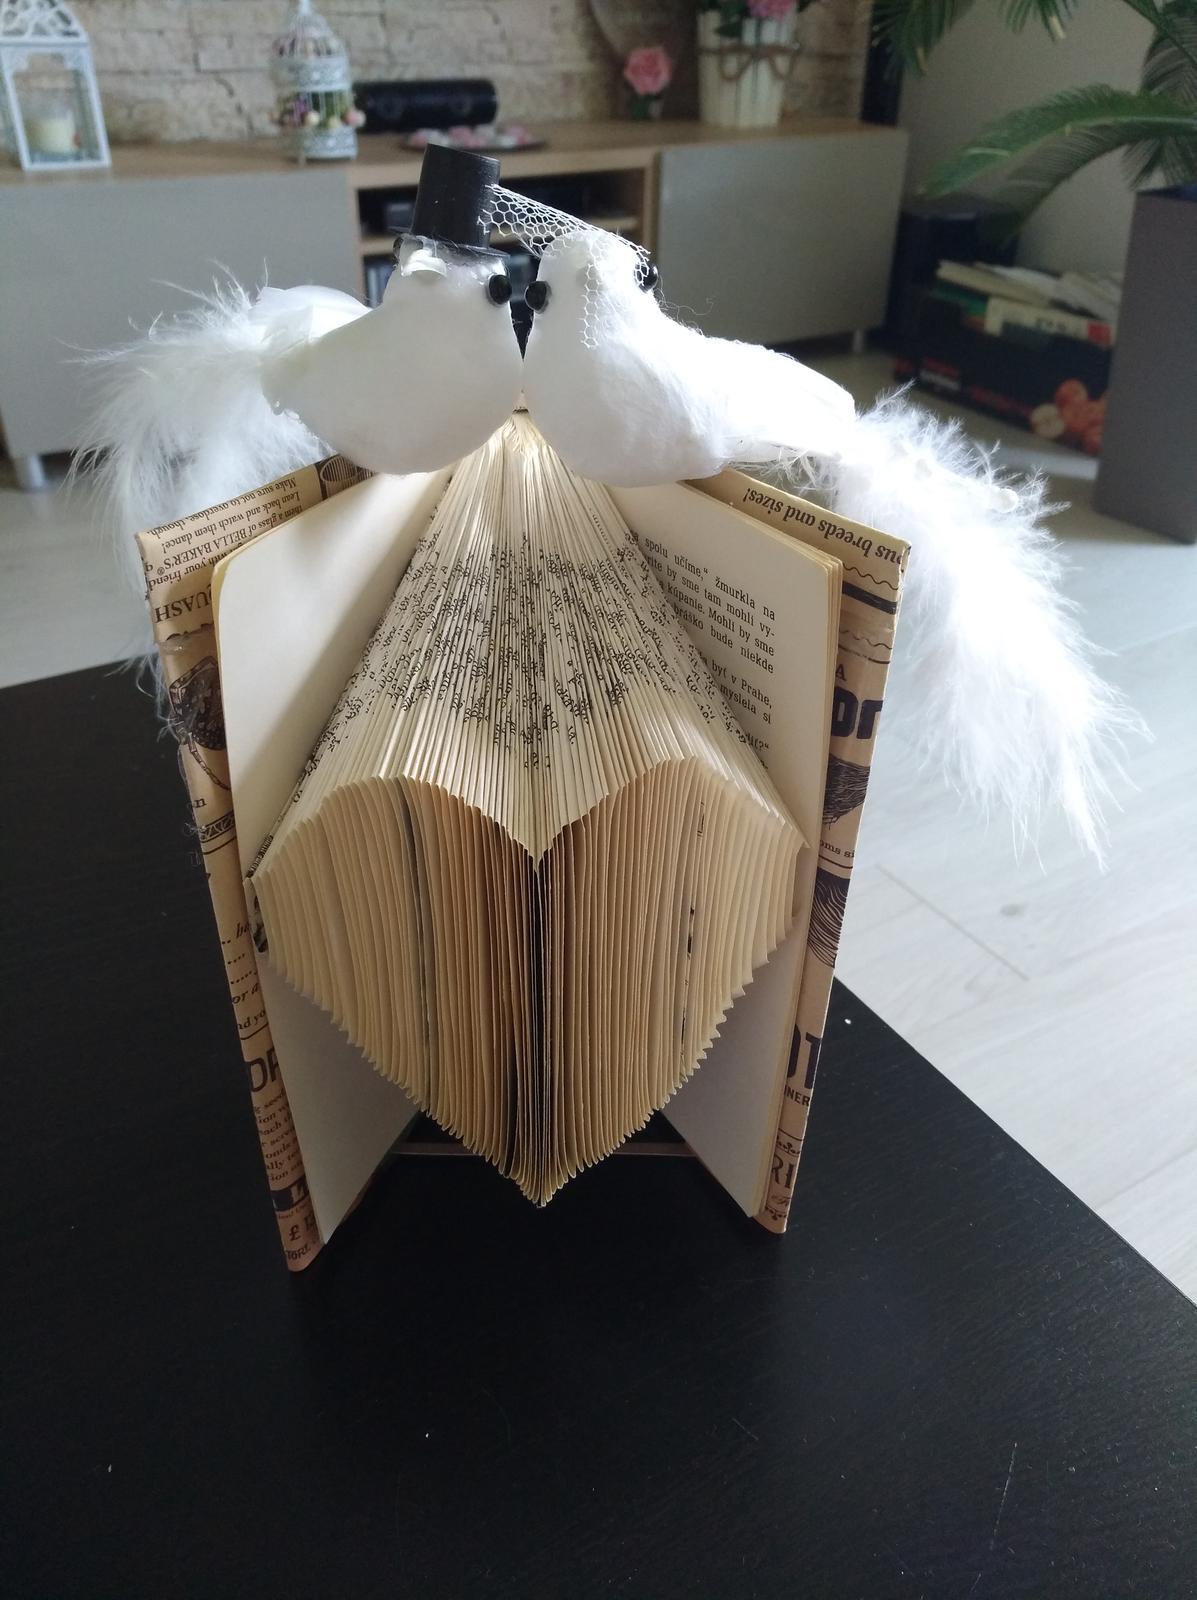 Ručne skladaná  kniha - srdce  - Obrázok č. 1